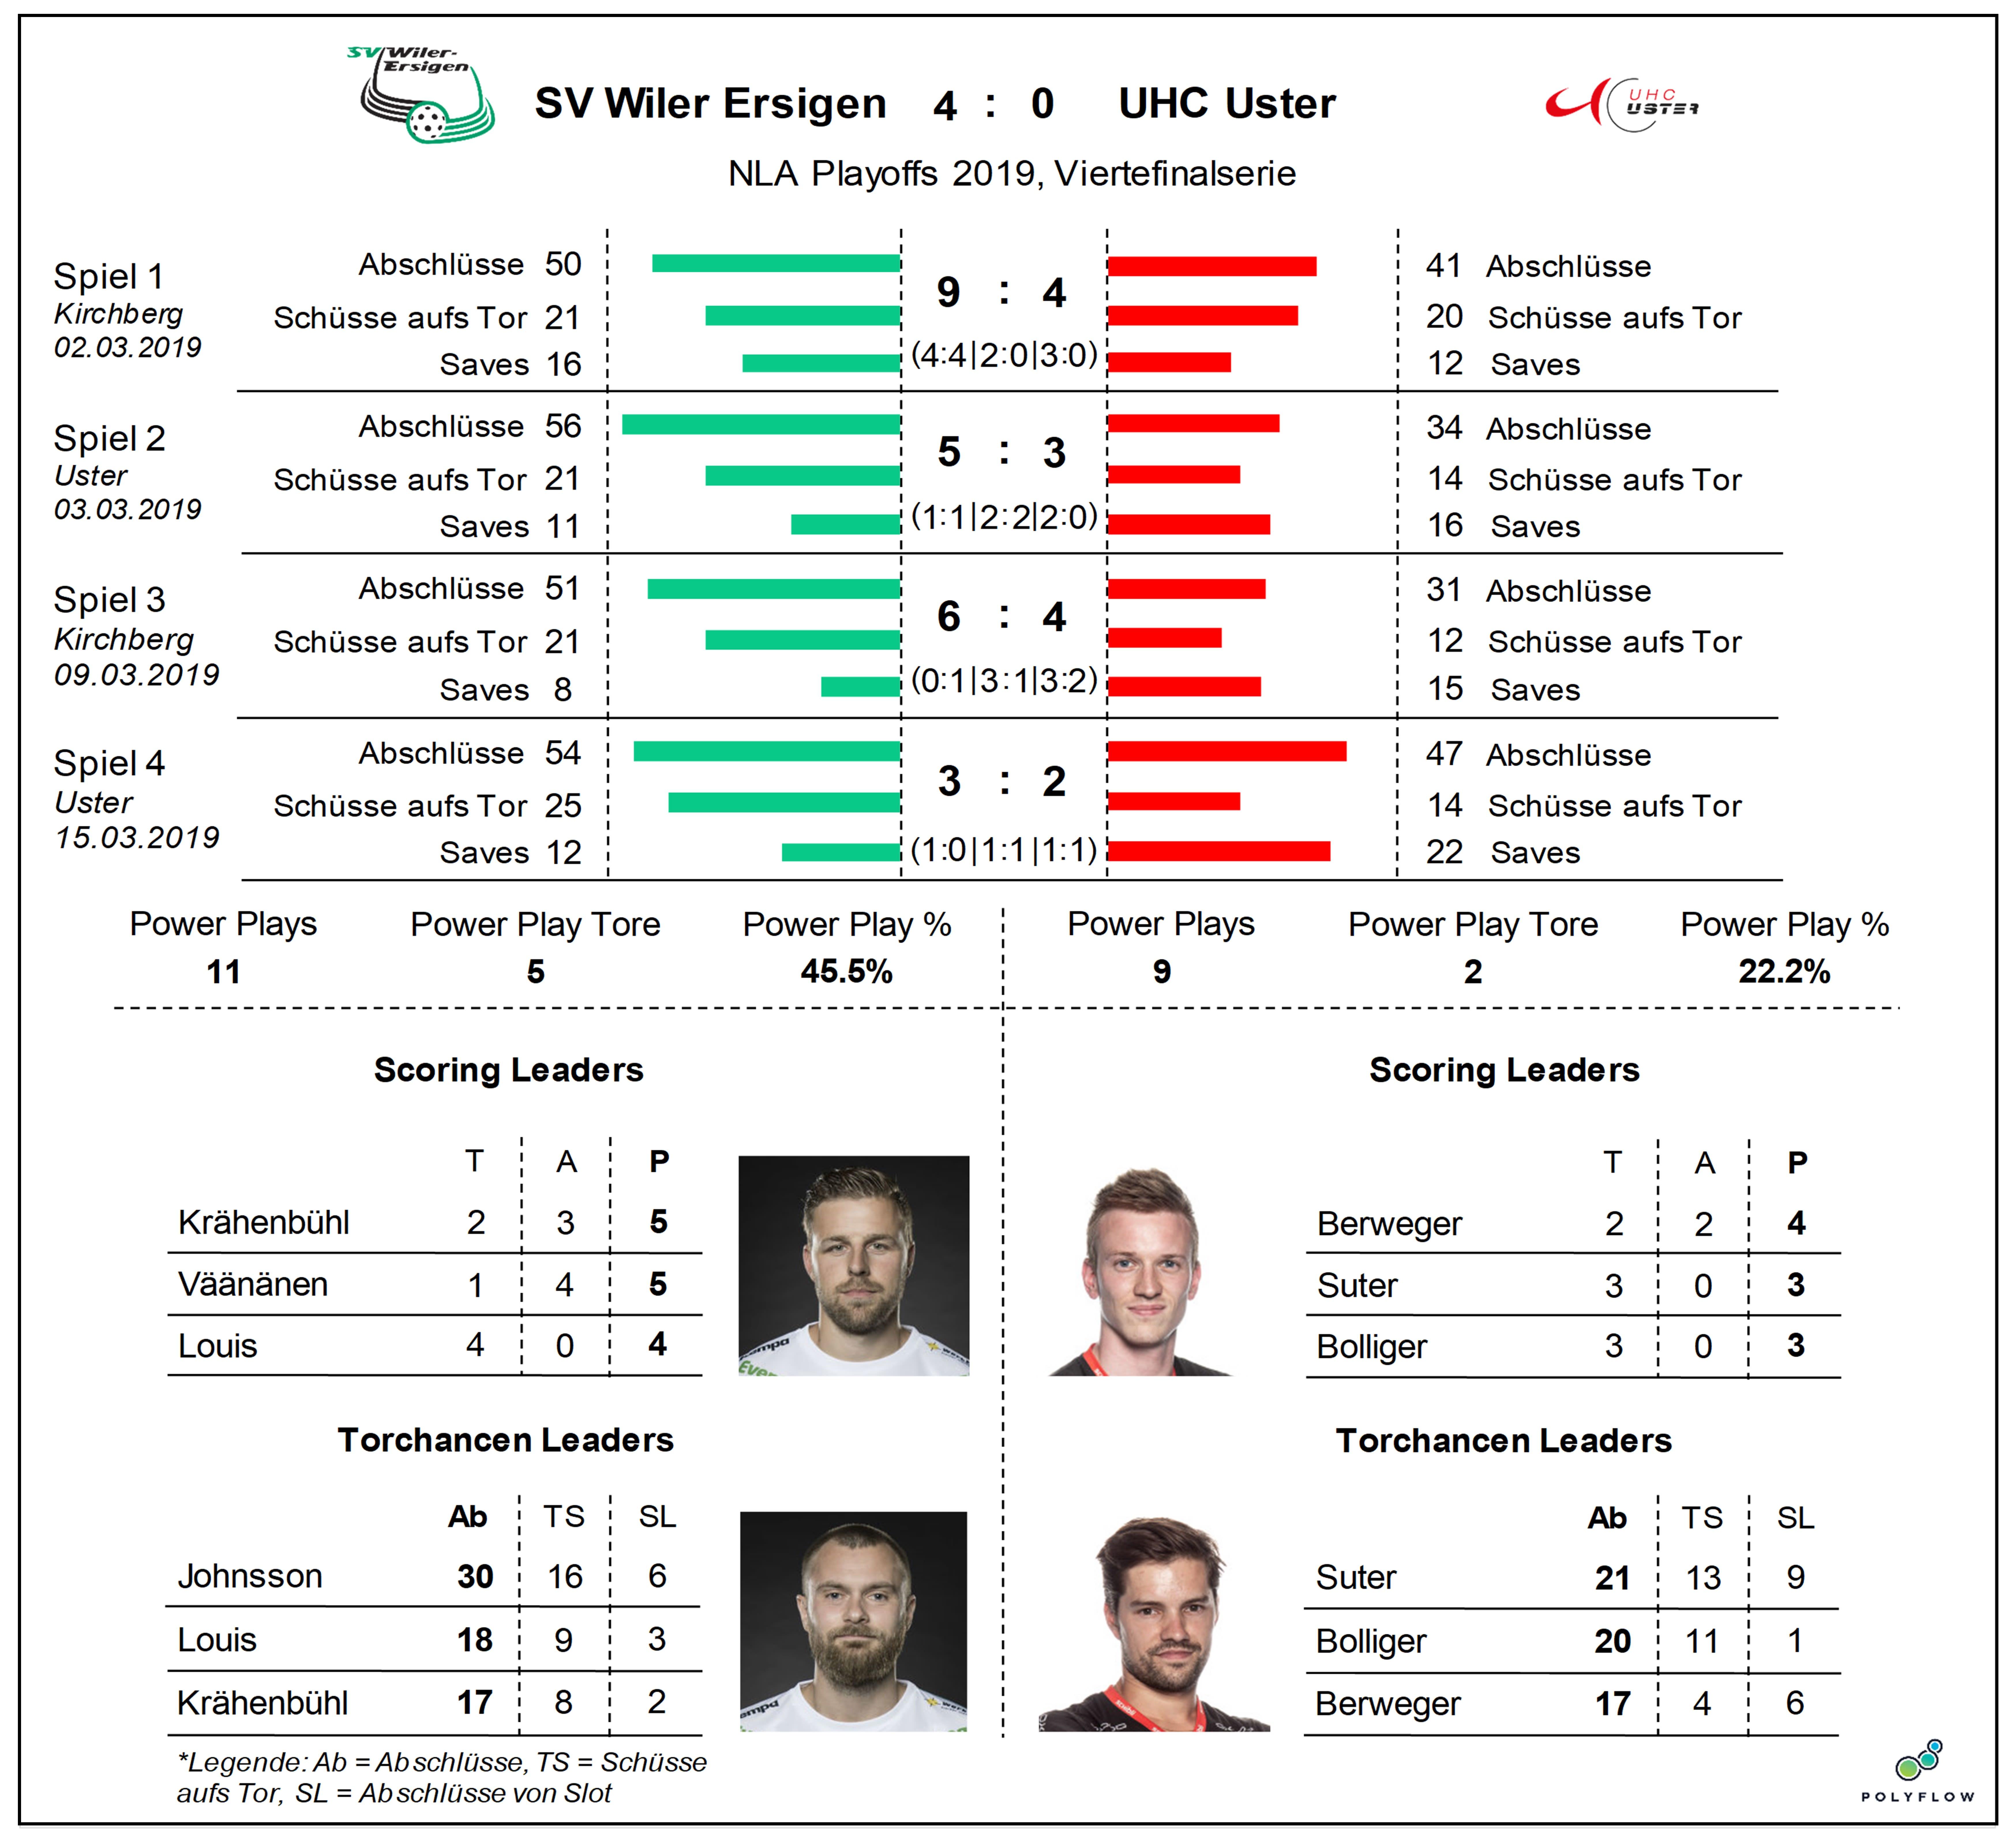 wiler-uster scoreboard 4.jpg